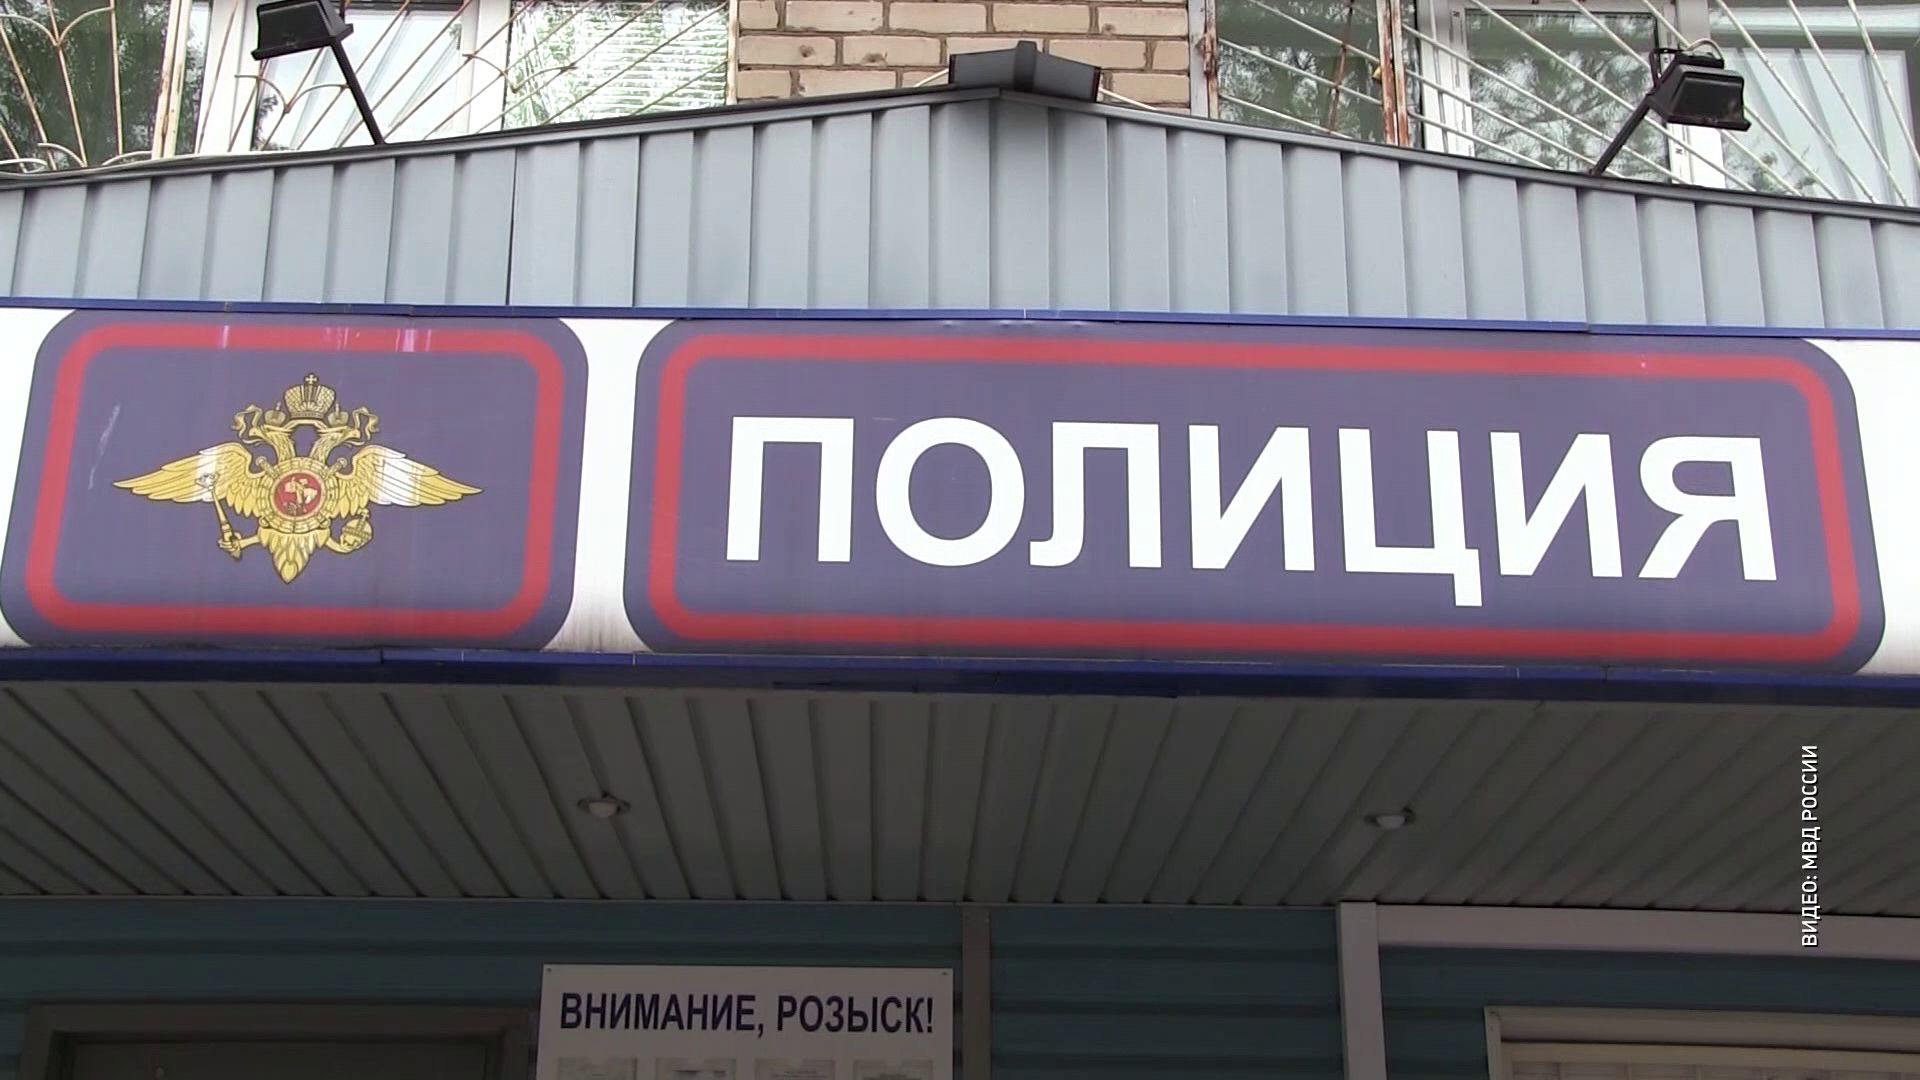 Ярославской пенсионерке вместо денег подложили банкноты банка приколов